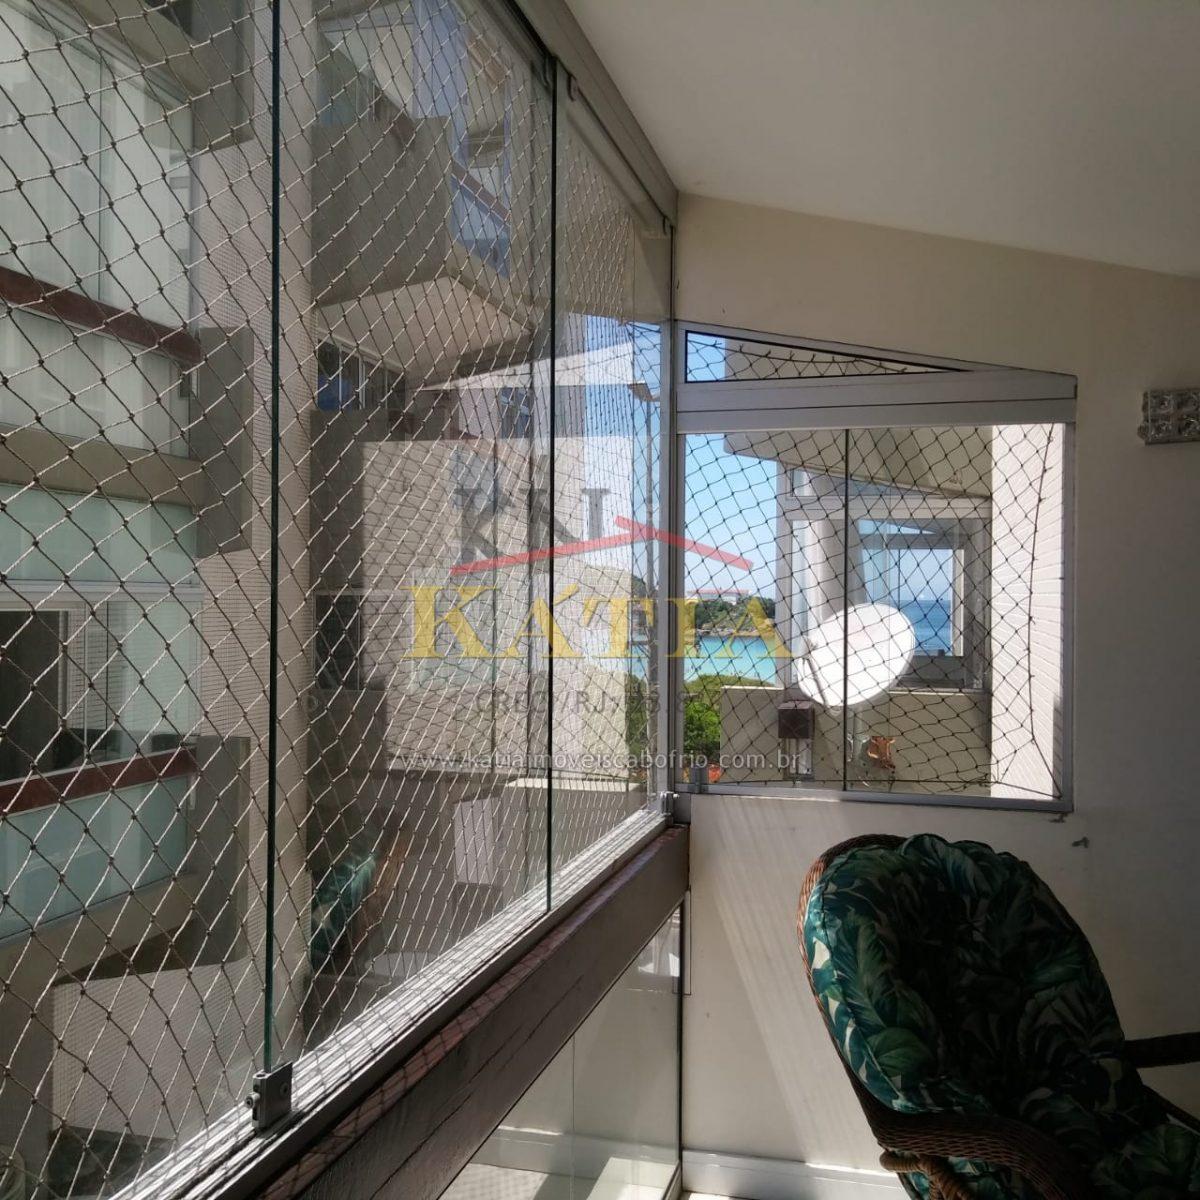 Alugo Apartamento para Temporada em Frente a Praia do Forte em Cabo Frio